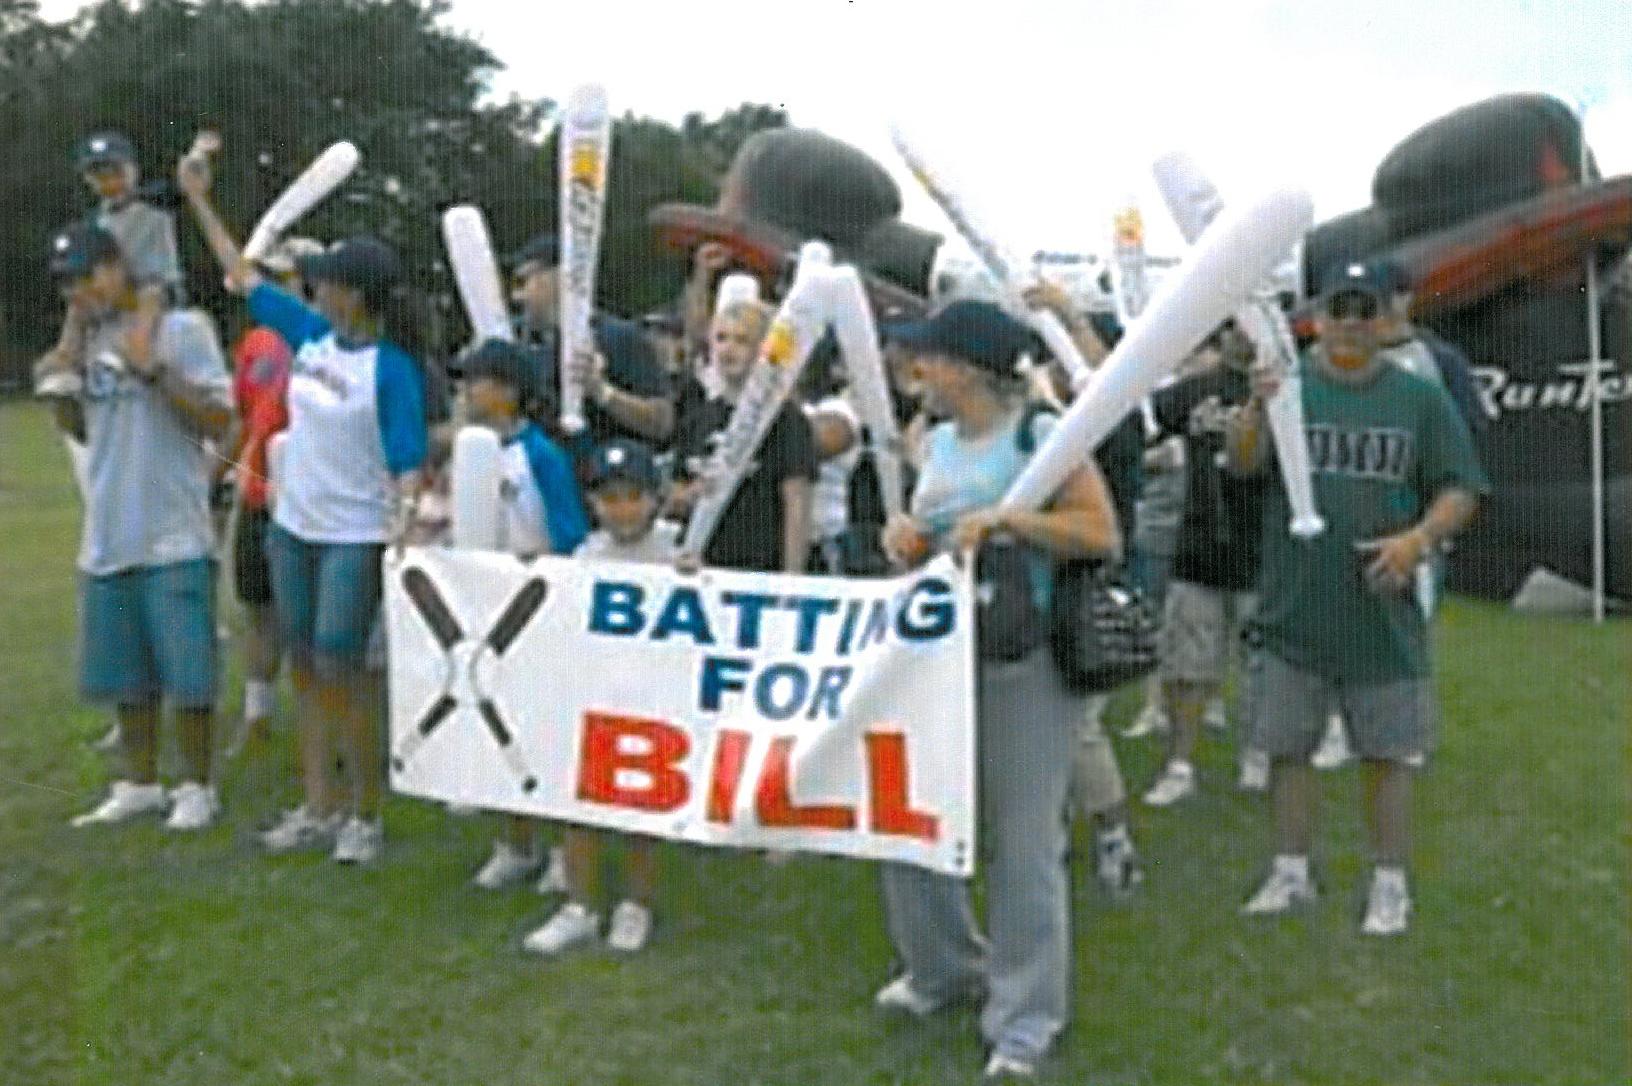 Buddy Walk 2008 - Battling for Bill.jpg